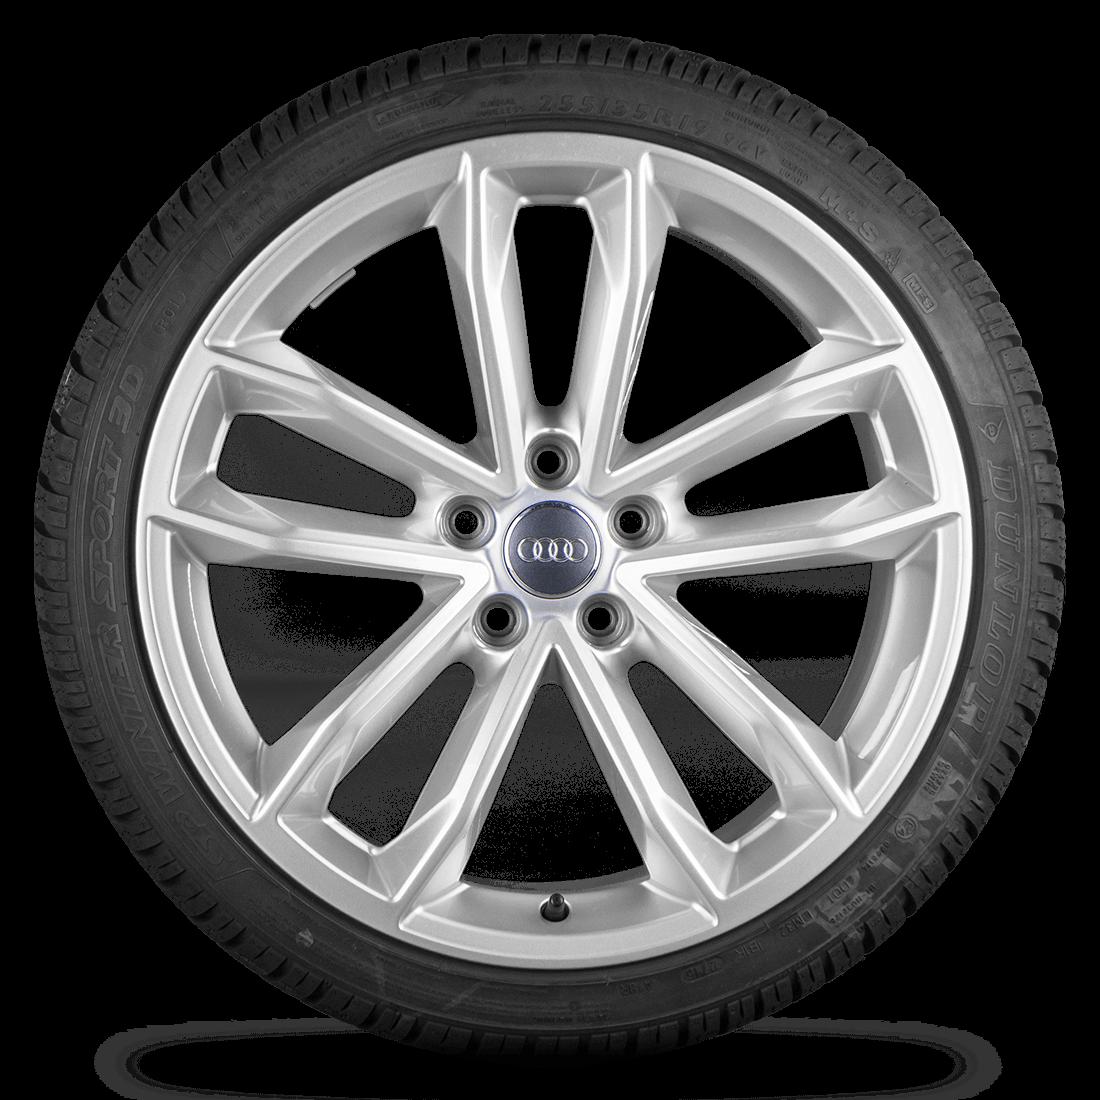 Audi A5 S5 8W F5 19 Zoll Alufelgen Felgen Winterreifen Rotor S line Cavo 7 mm